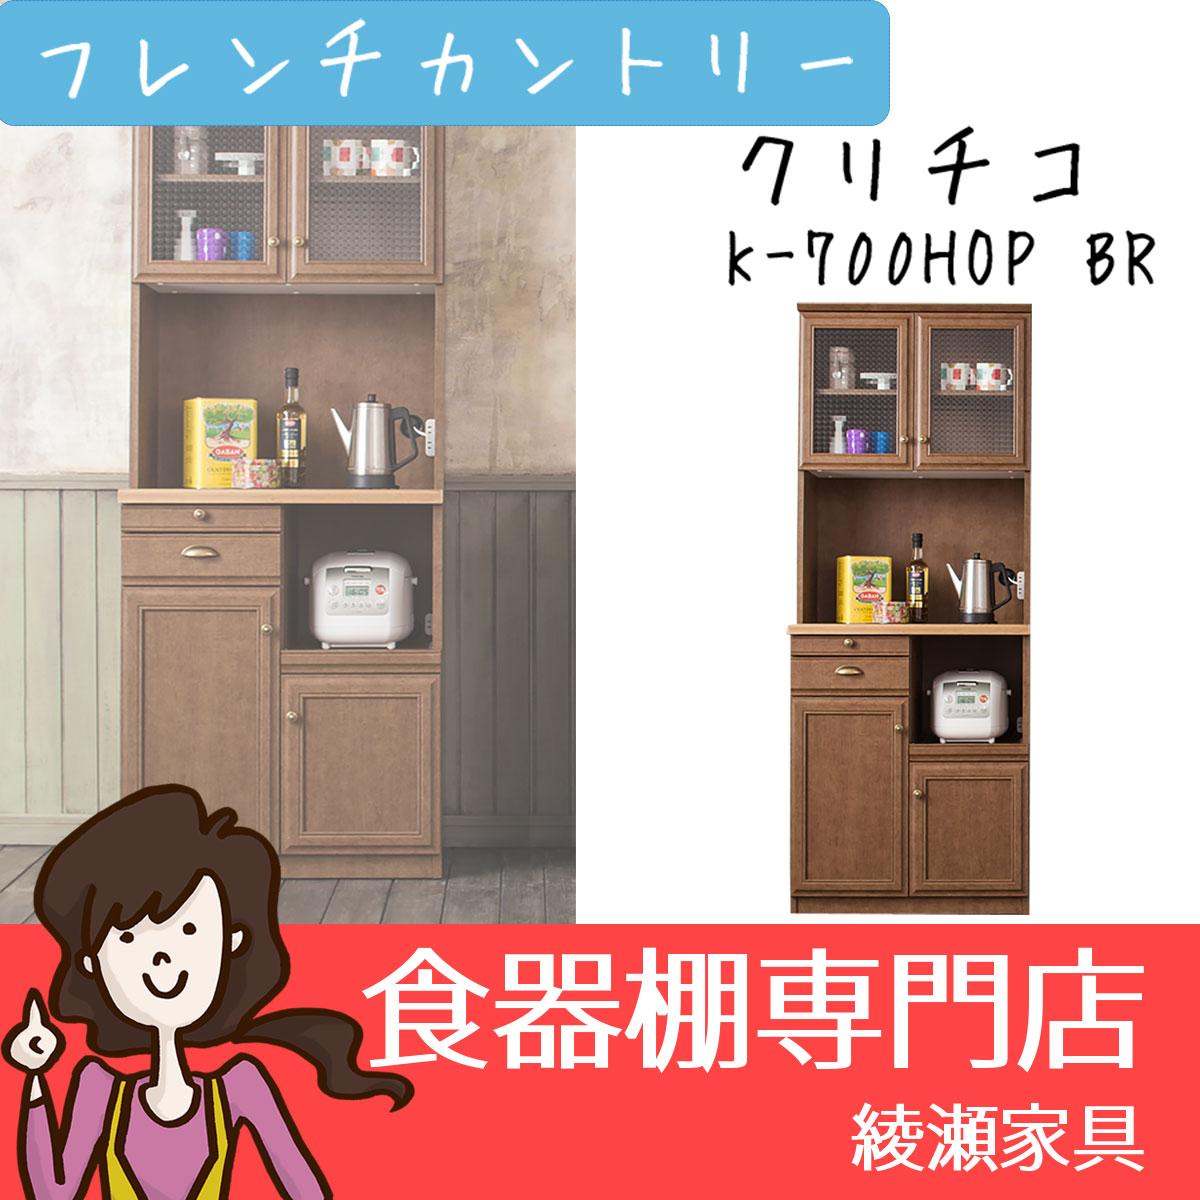 ユーアイ クリチコ カントリー調の食器棚 木目ブラウン K-700HOP